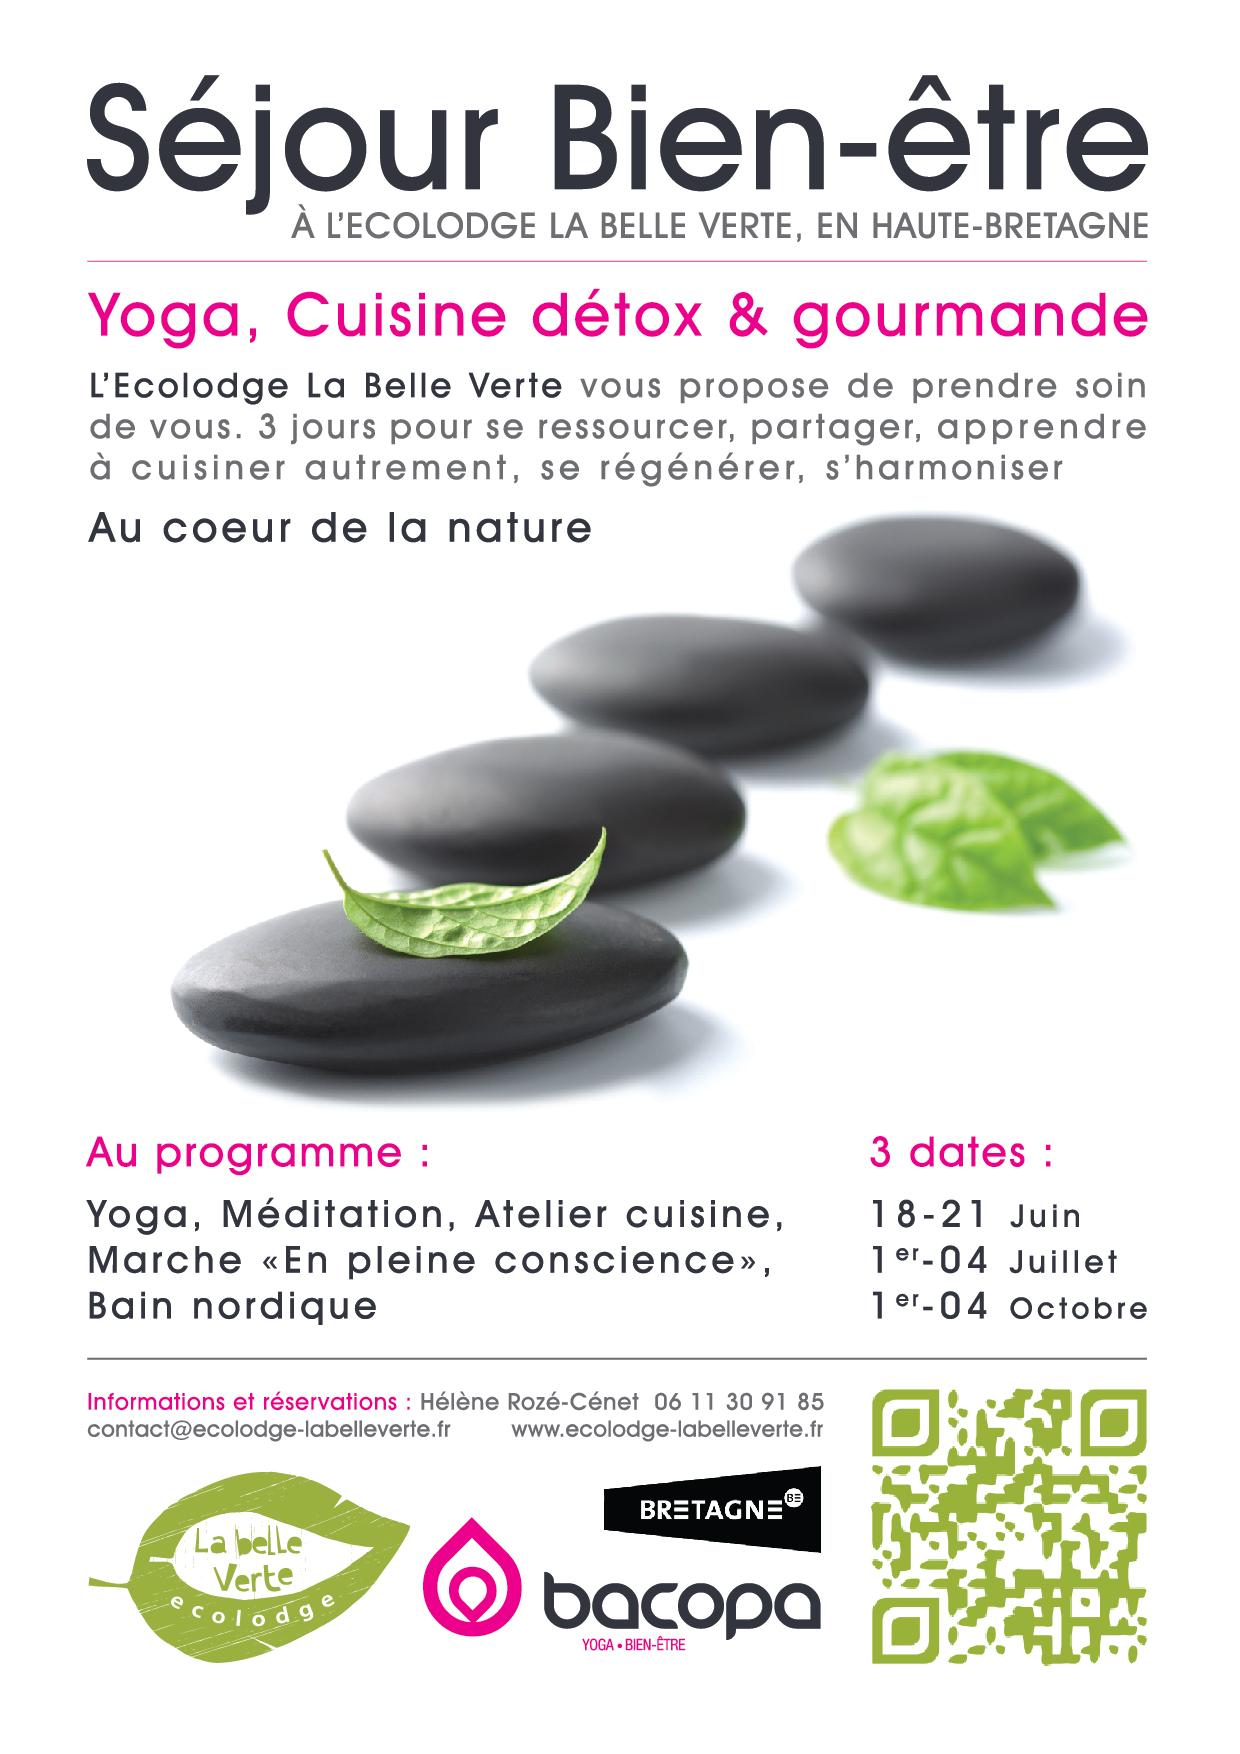 S jour bien tre yoga cuisine d tox et gourmande for Livre cuisine detox